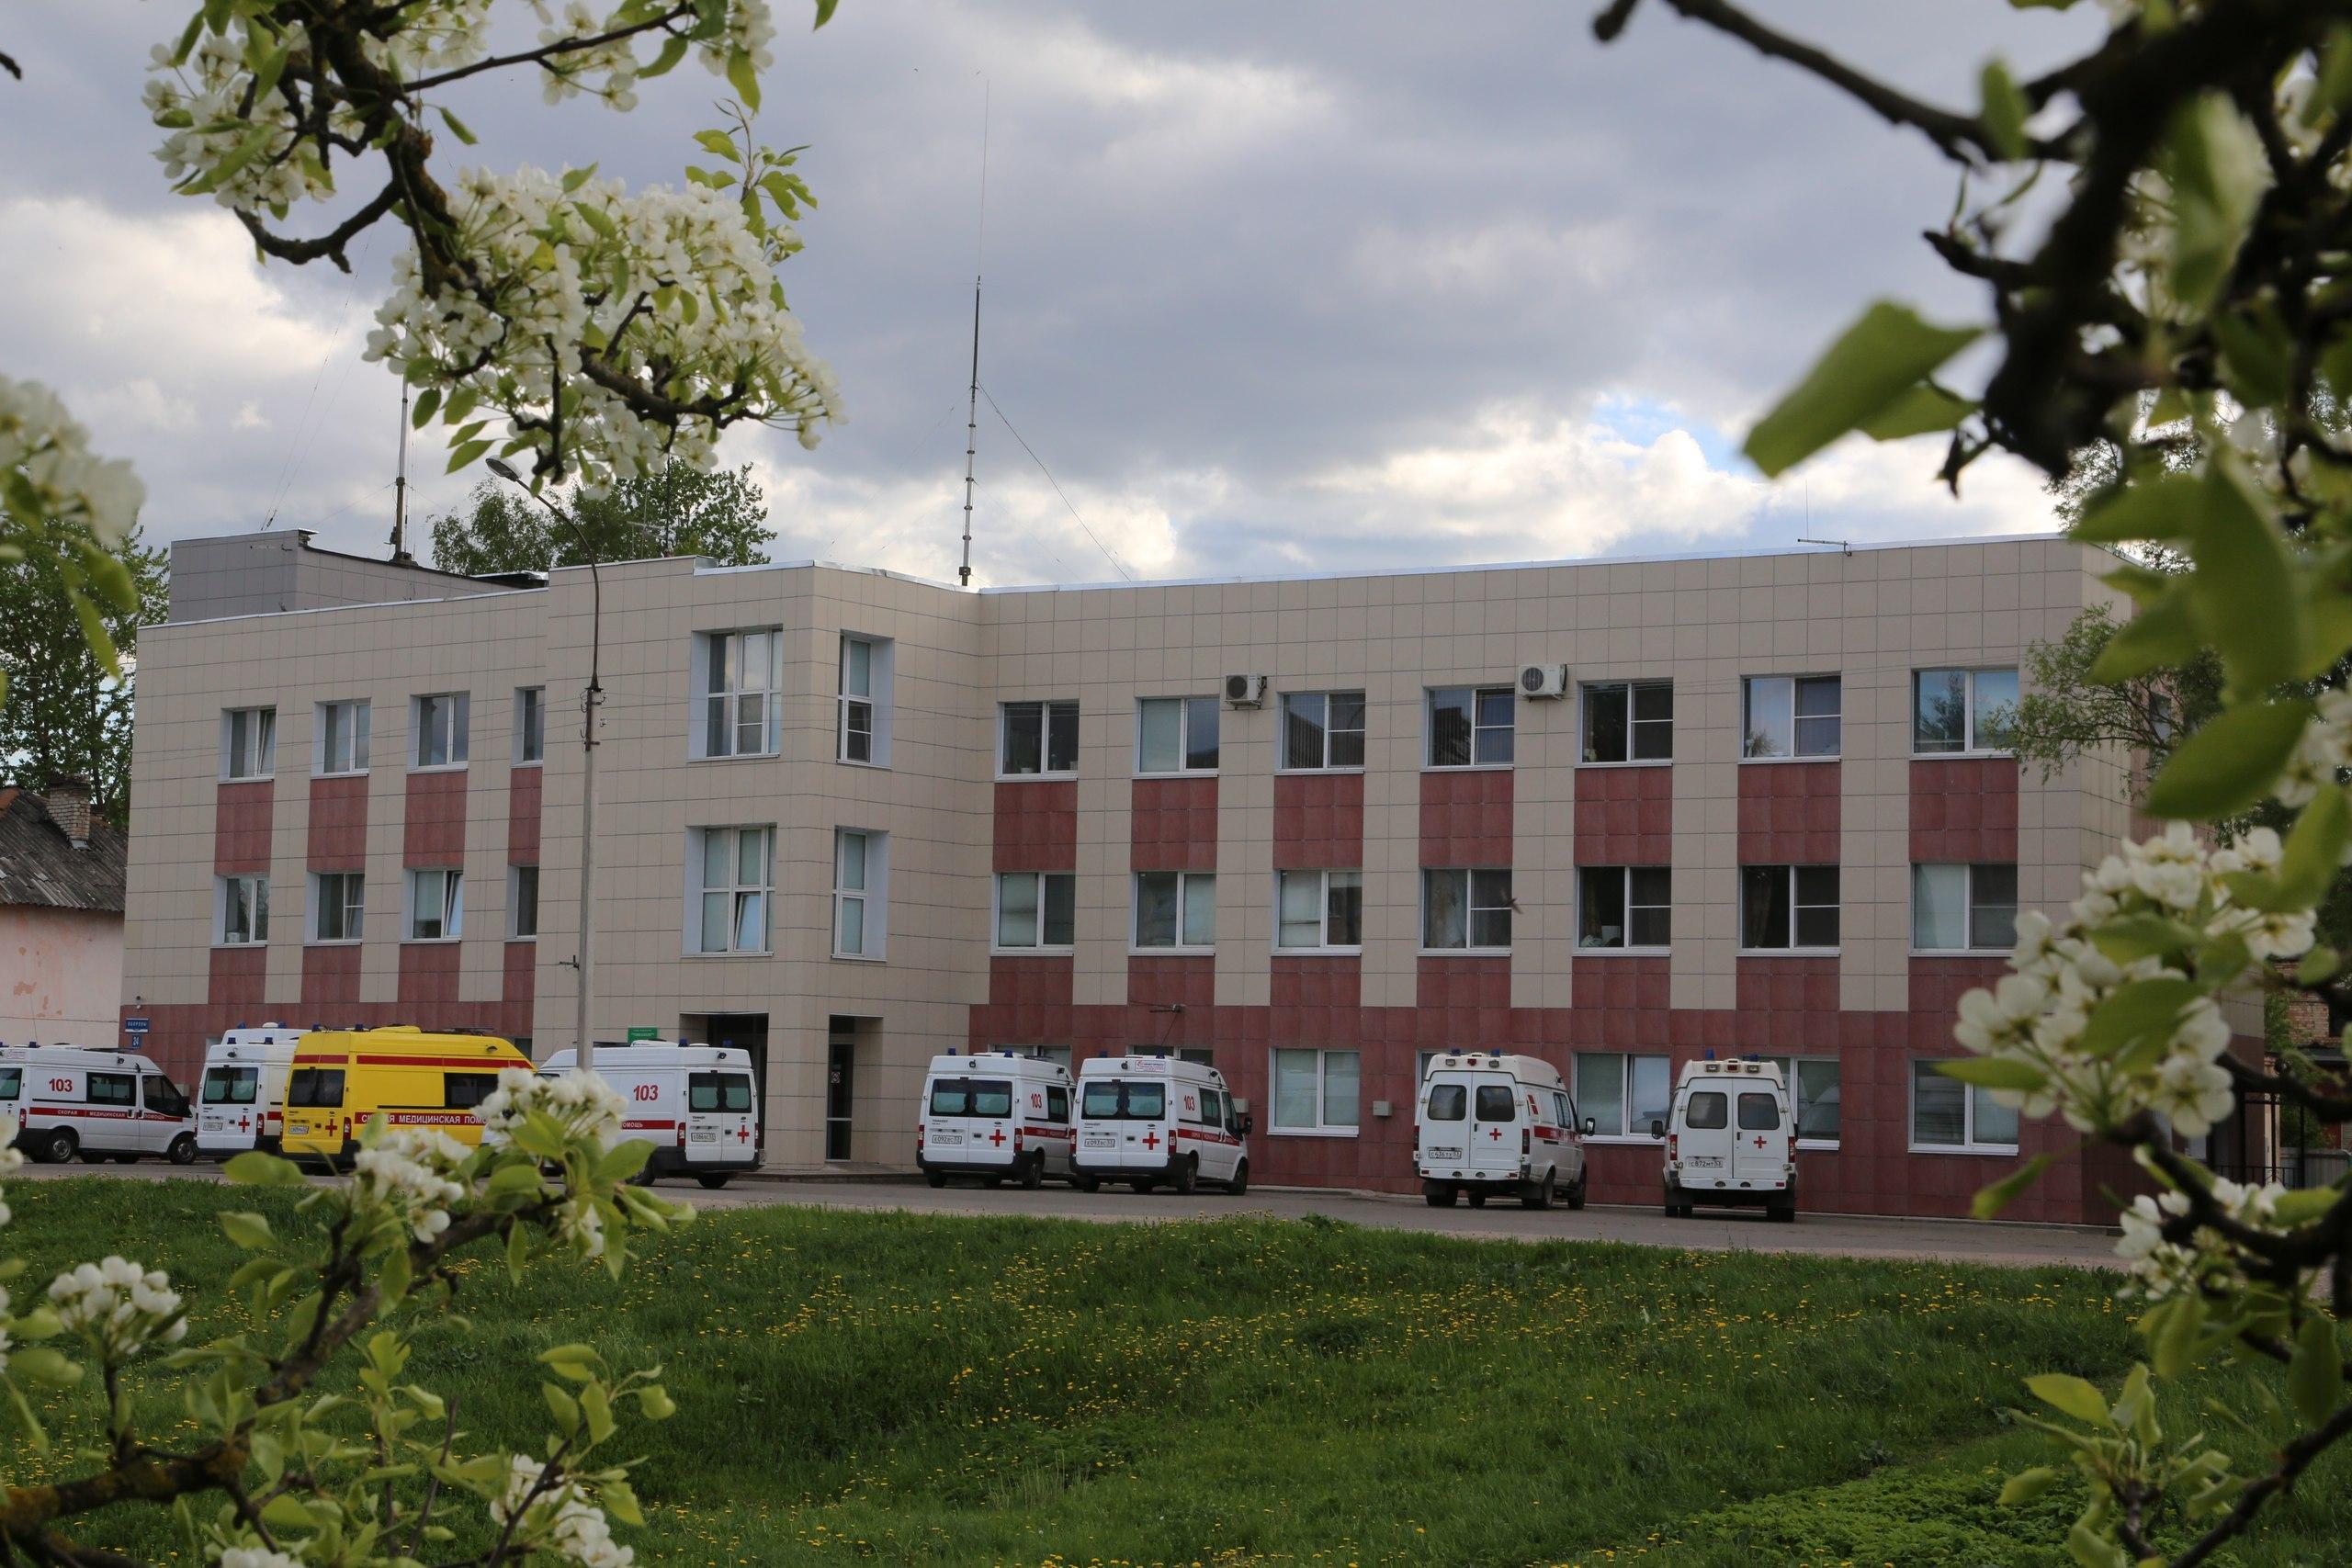 В Новгородской области сотрудники скорой помощи массово увольняются из-за низких зарплат